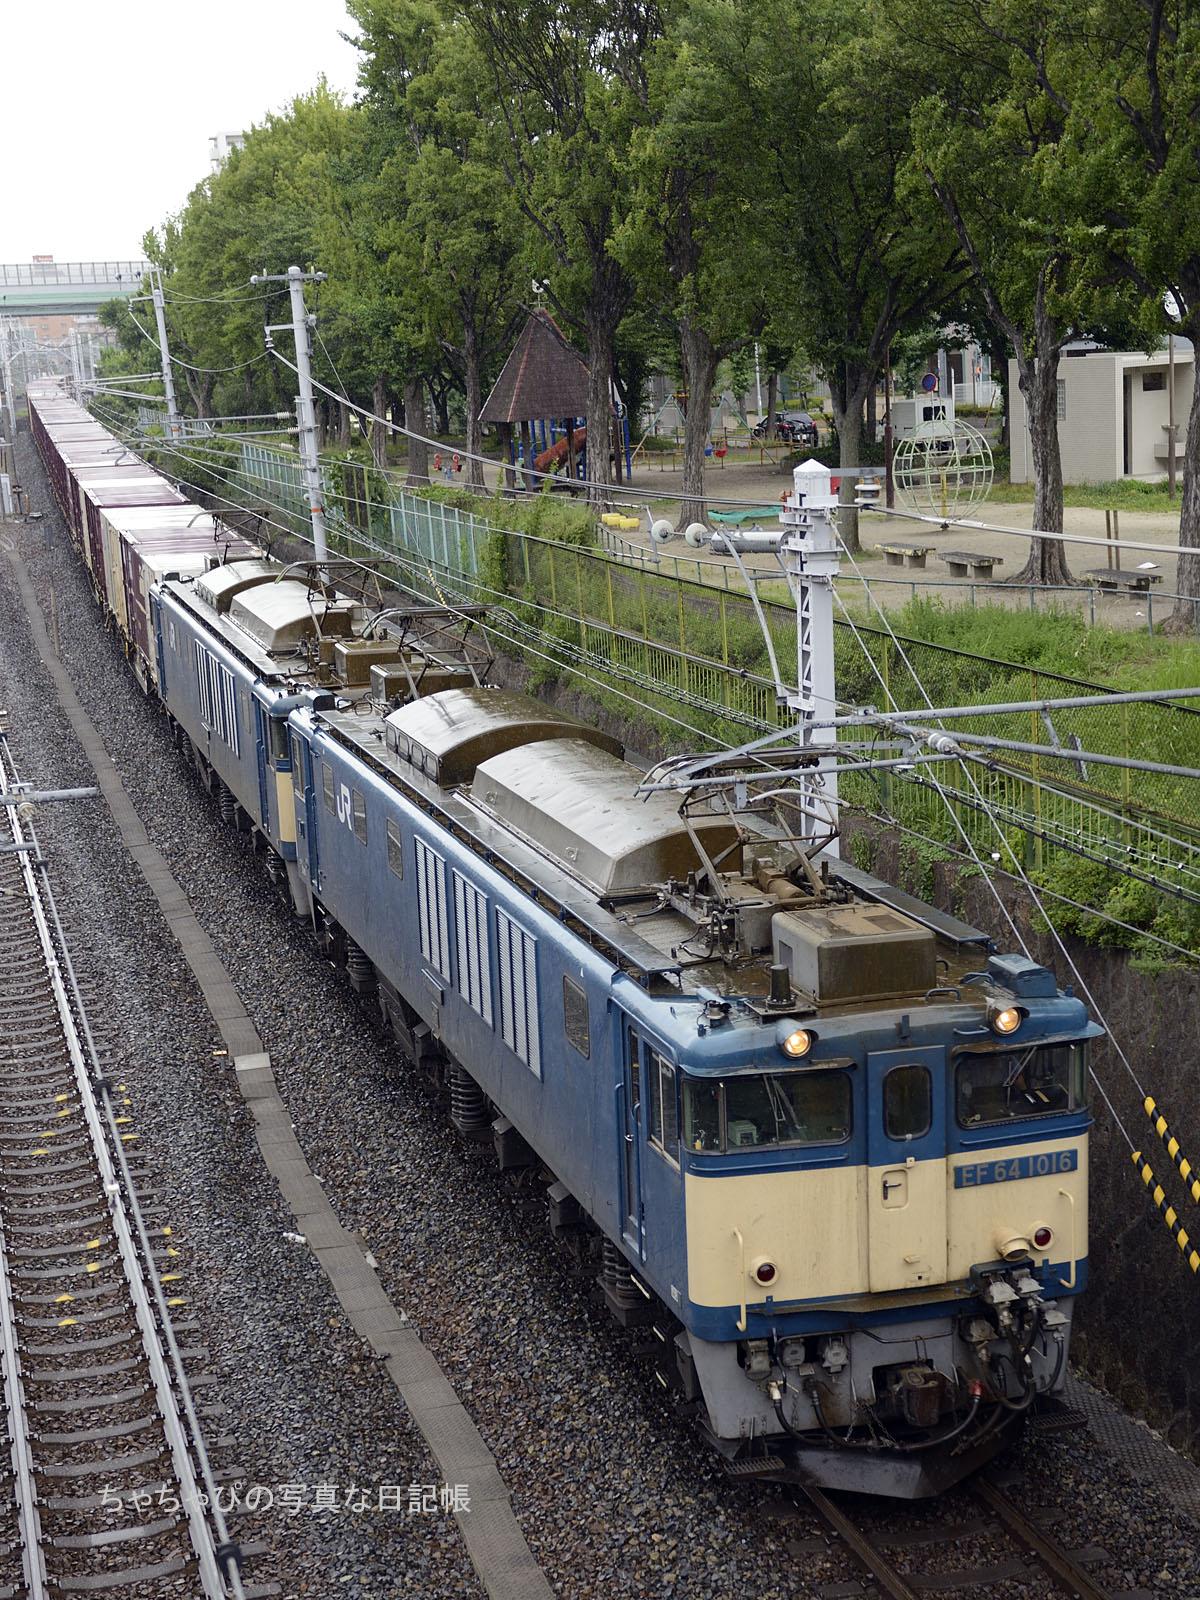 81レ EF64 1016 + EF64 1006